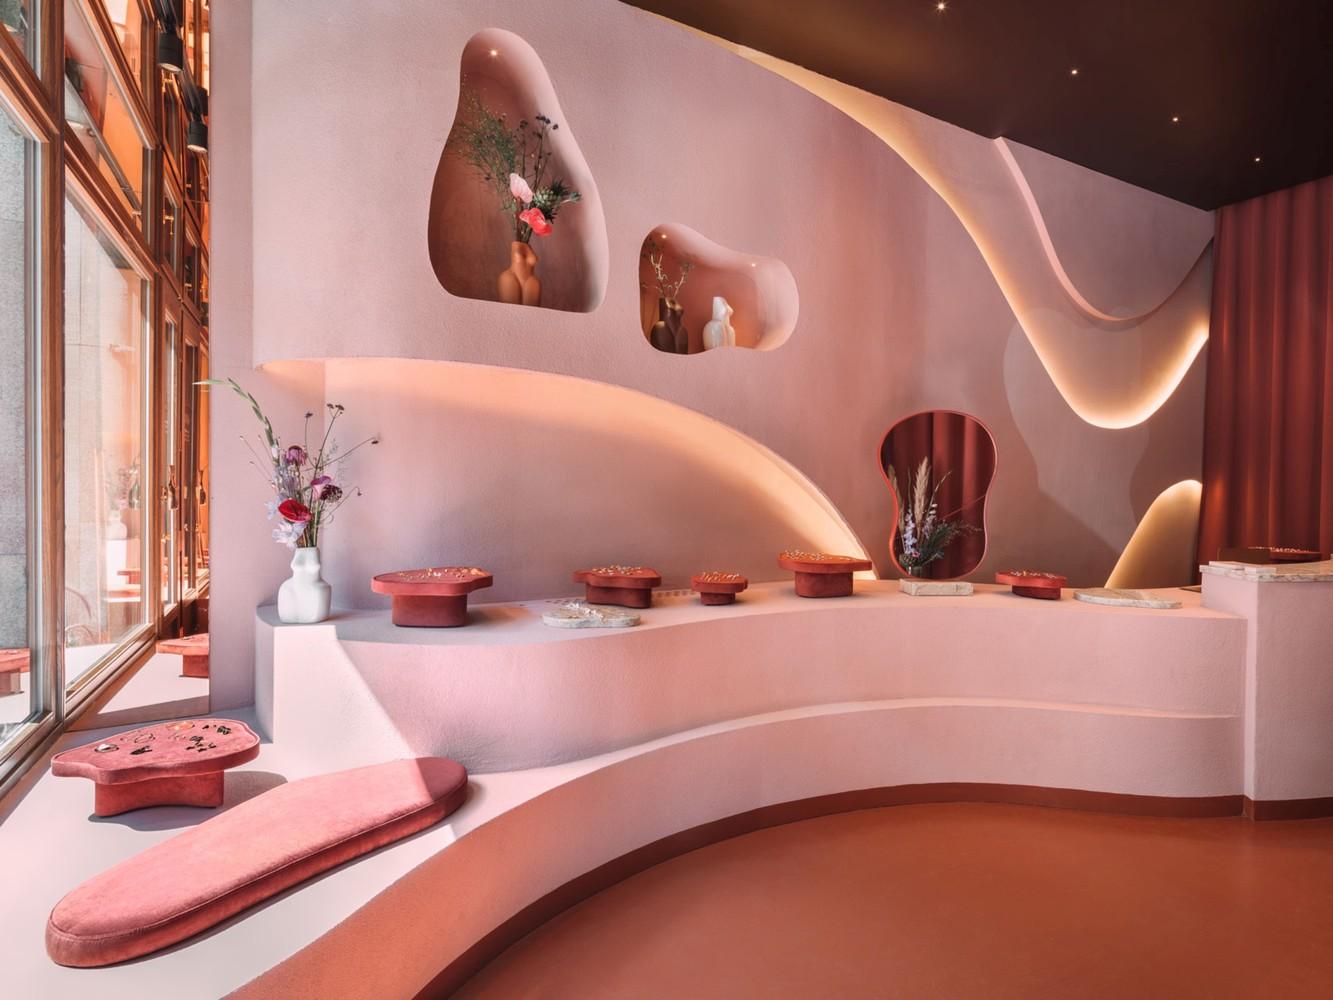 Tendencias en diseño y construcción del 2020: Lo recurrente, popular, relevante y sustancial,KOPI Jewellery Boutique / NOKE Architects. Image © Nate Cook; Piotr Maciaszek